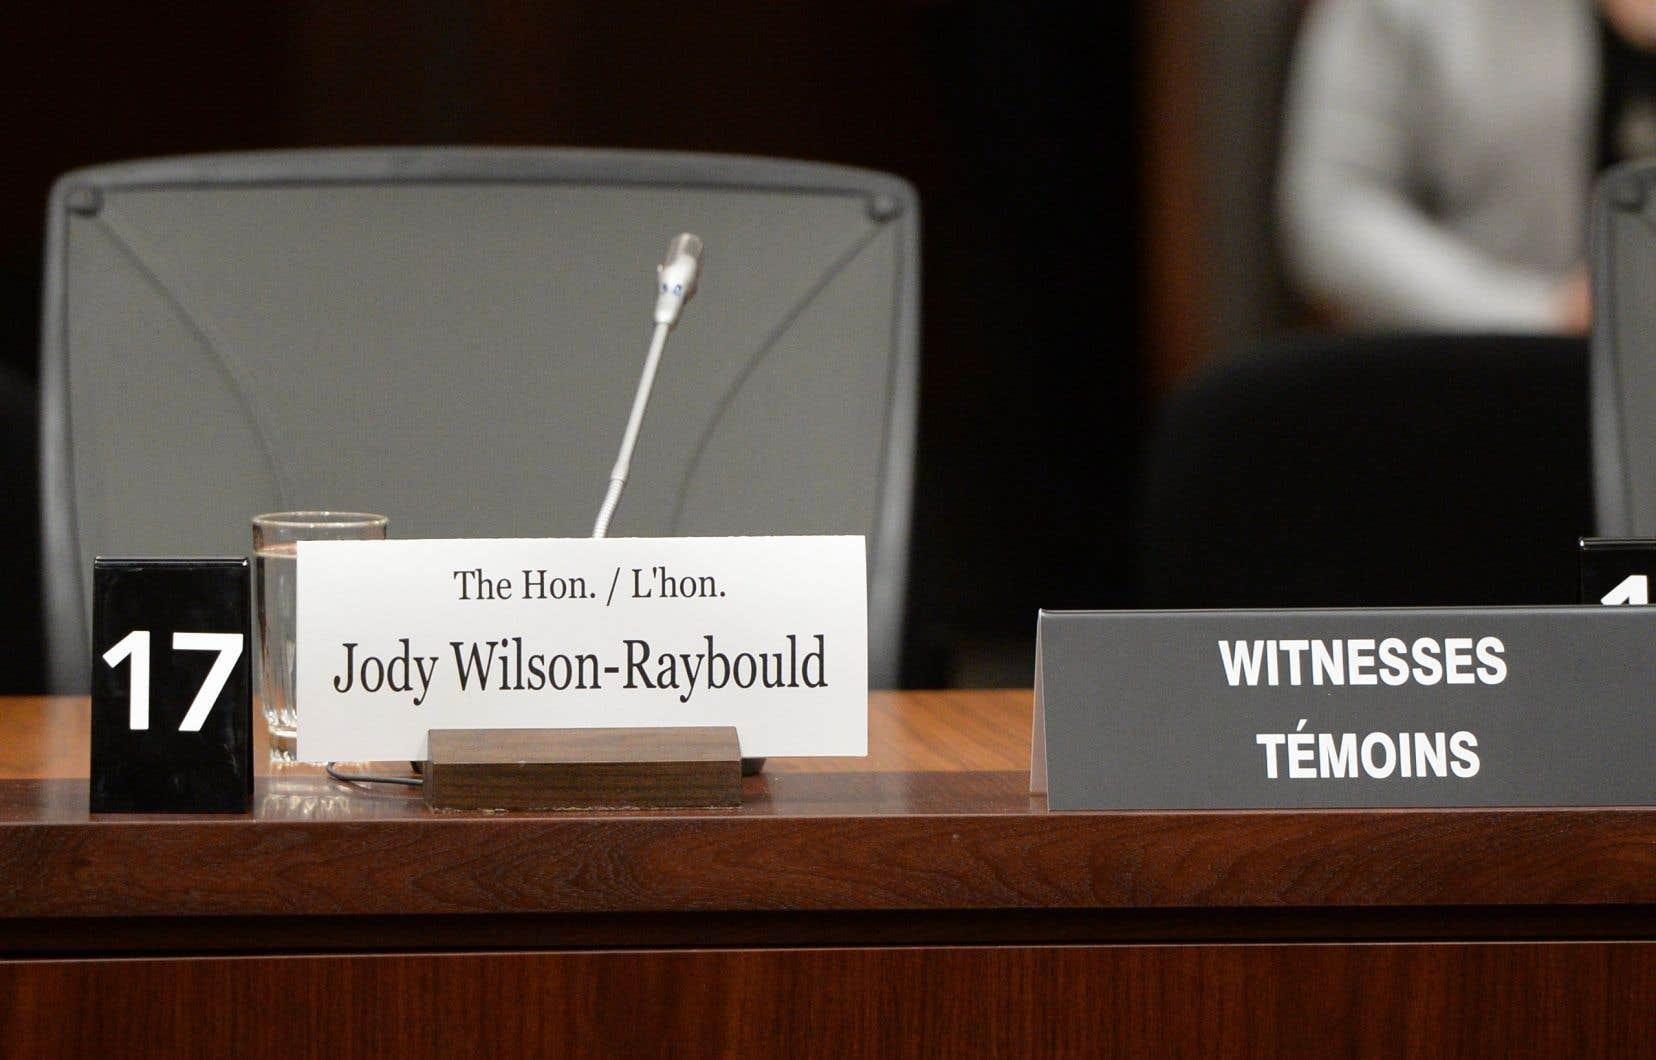 «Le Comité de la justice qui enquête sur l'affaire SNC-Lavalin n'entendra jamais le véritable auteur de l'ingérence politique dénoncée par Jody Wilson-Raybould», affirme l'auteur.